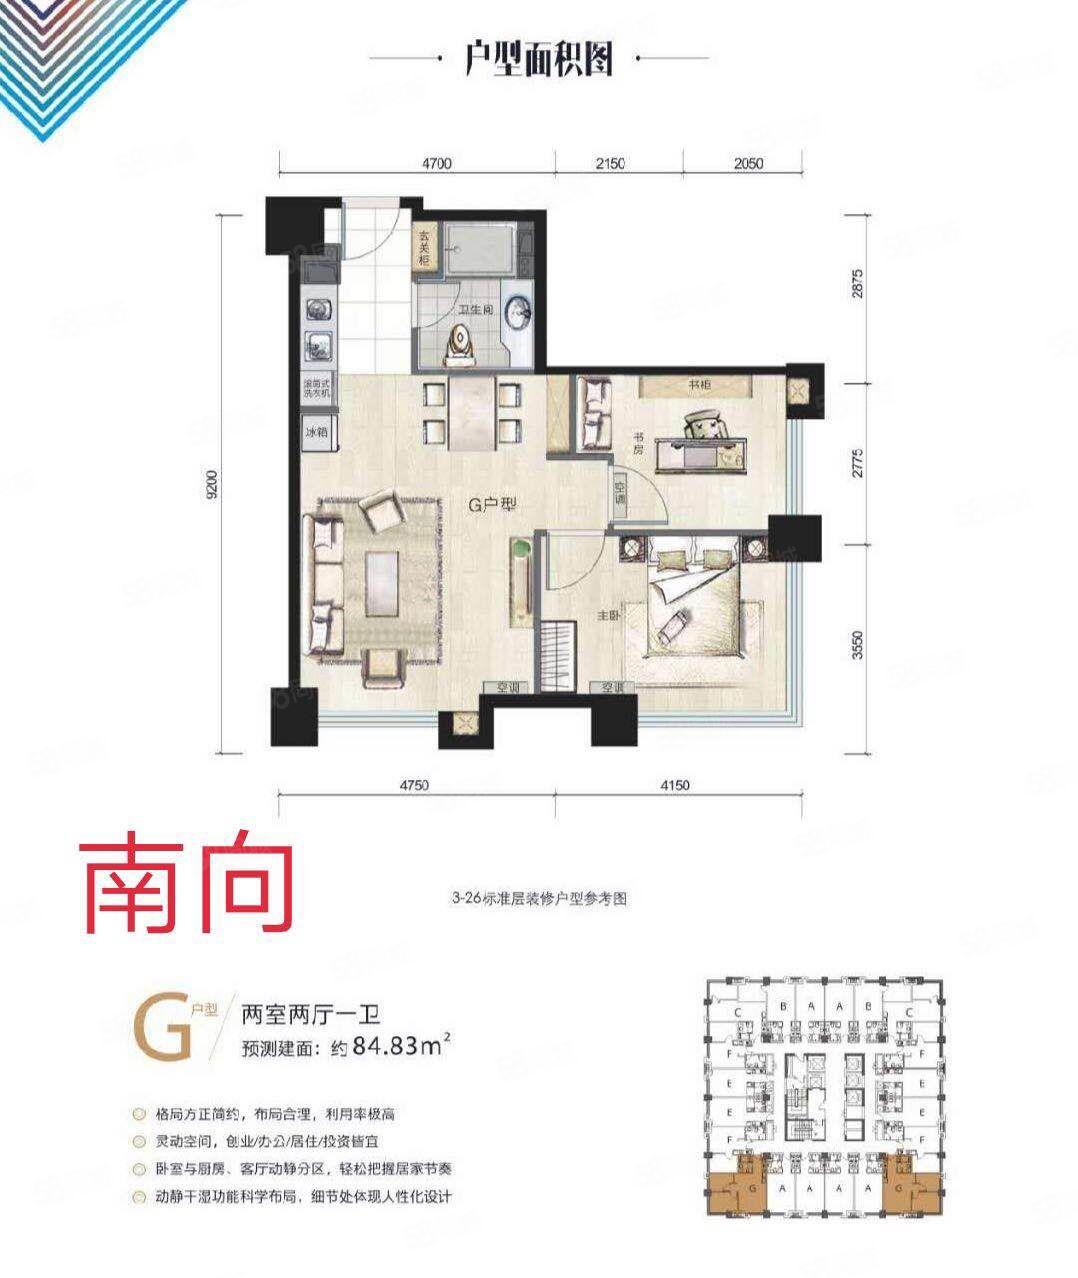 ��能中心地�F上的房子首付16�f起��r6500平起